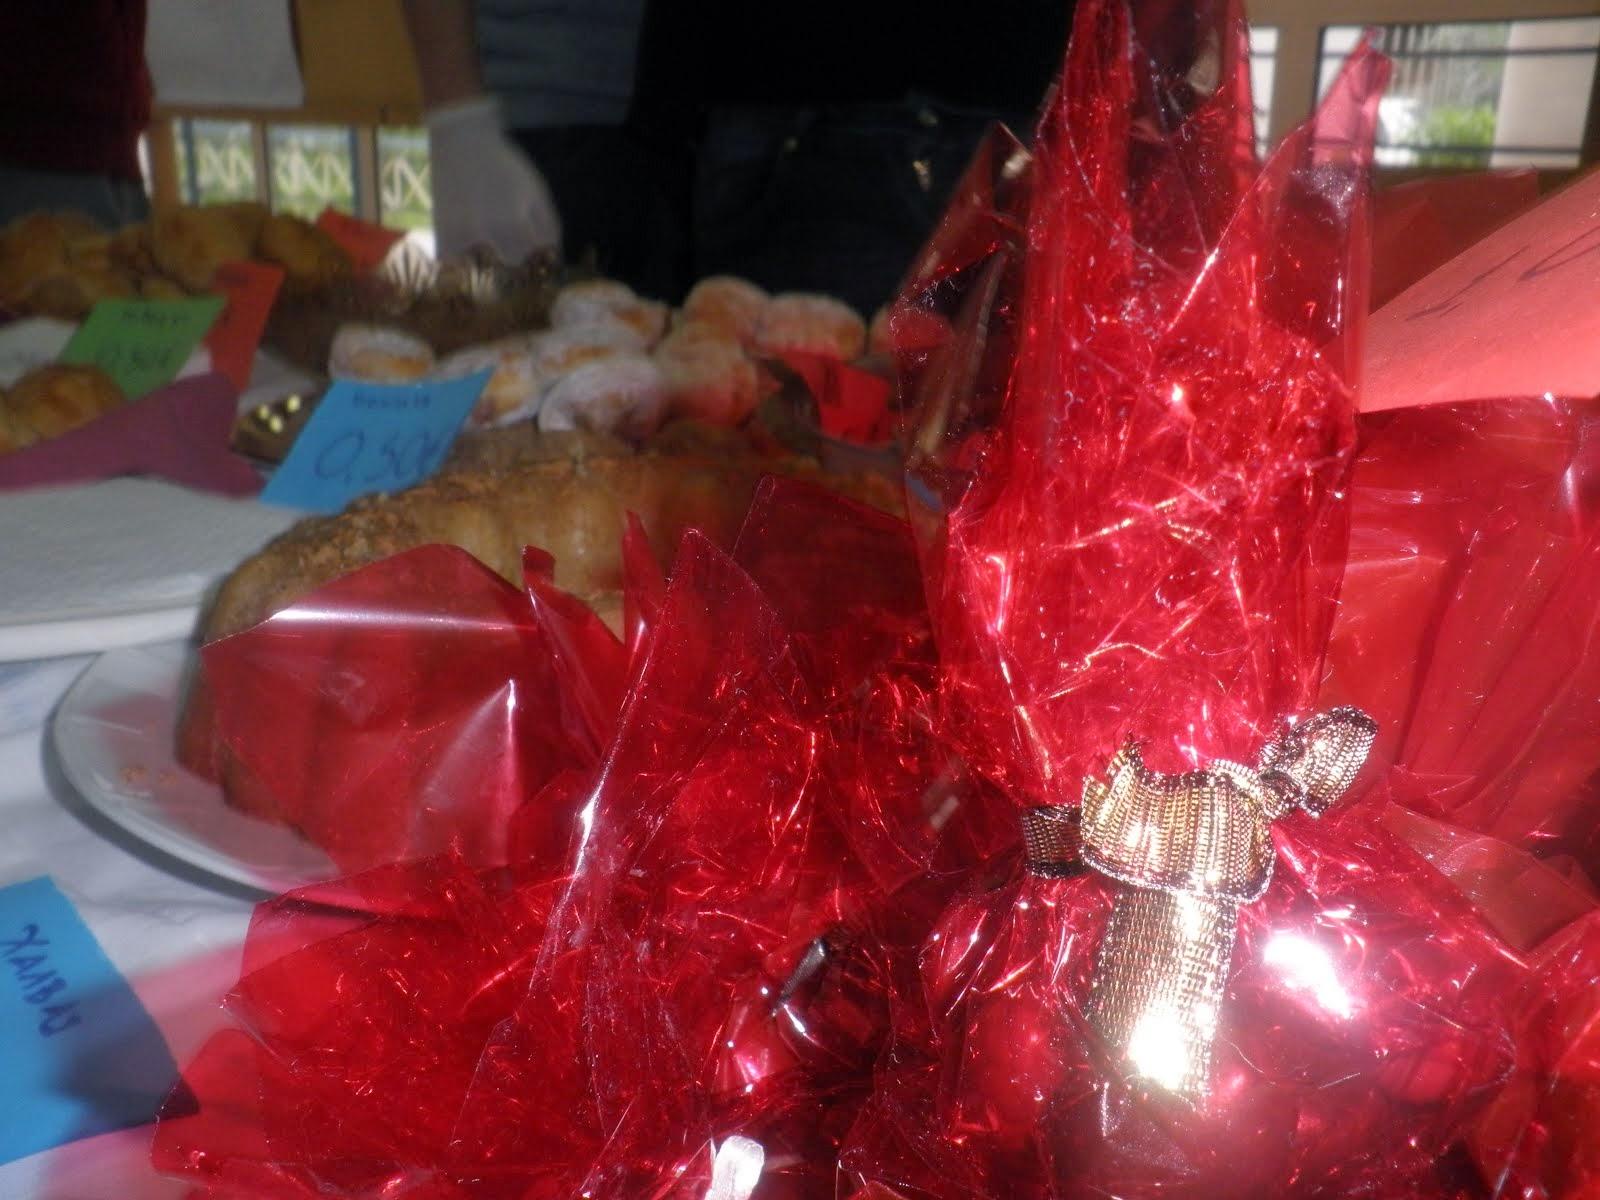 Χριστουγεννιάτικο μπαζάρ λιχουδιών